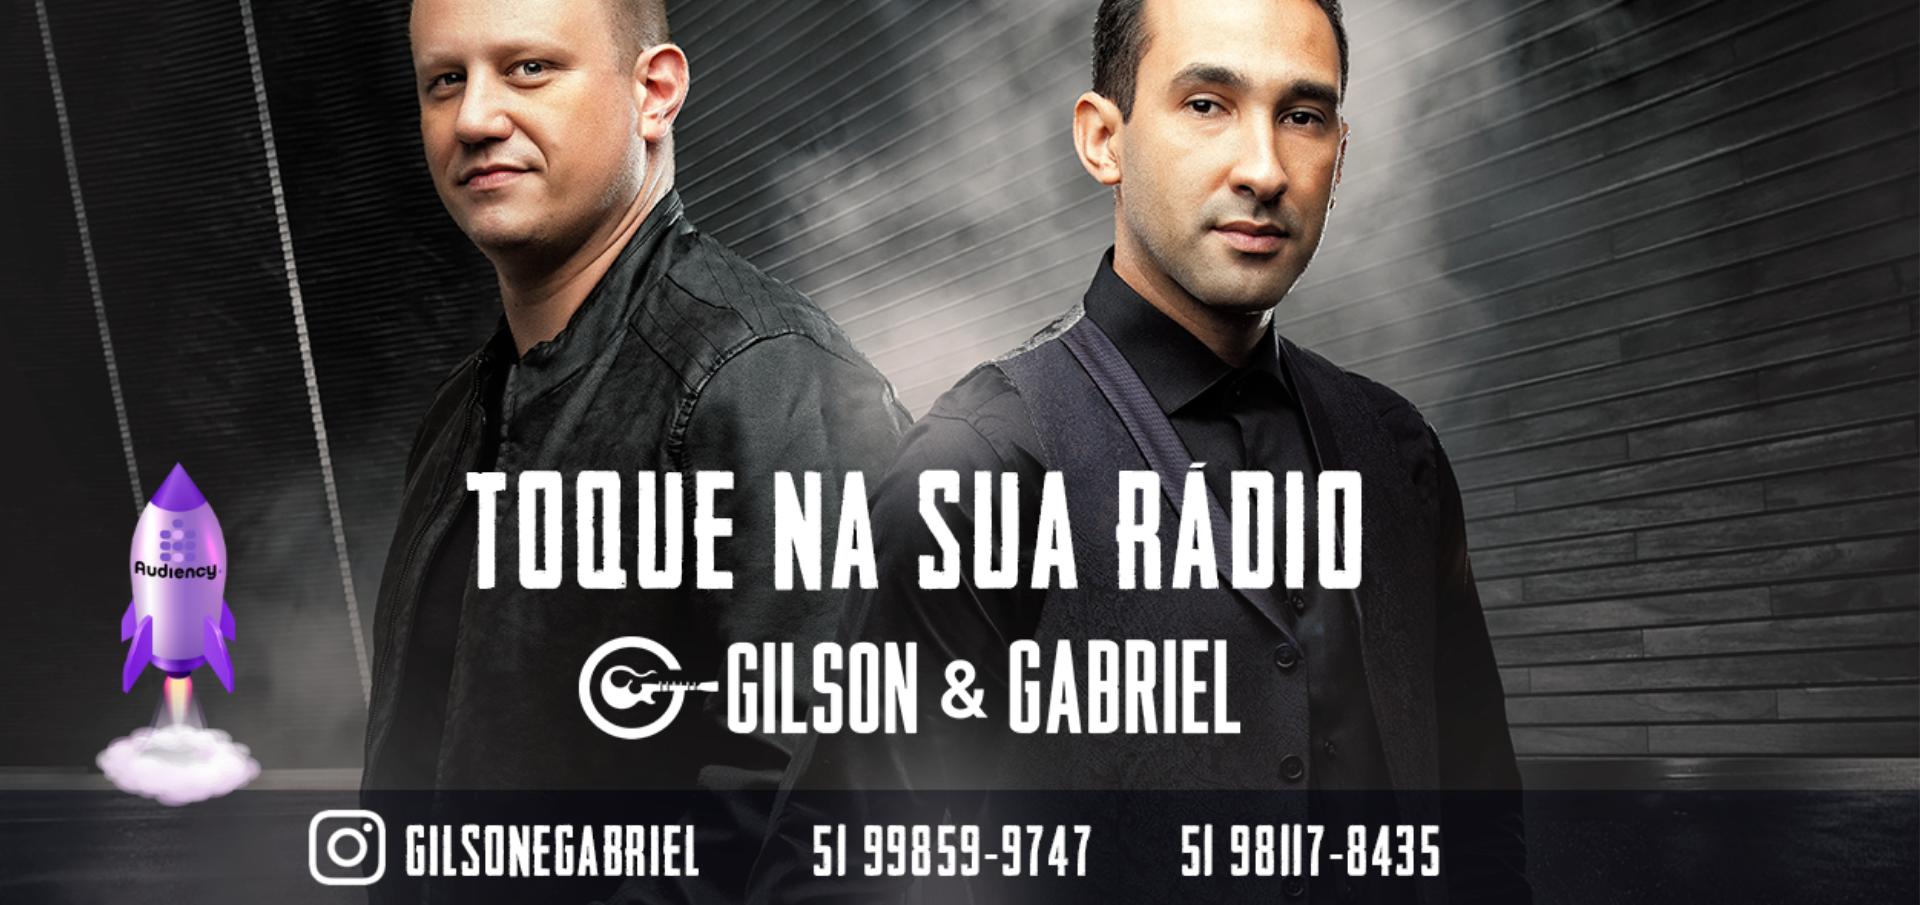 Gilson e Gabriel lançam o seu novo DVD com todos os seus sucessos